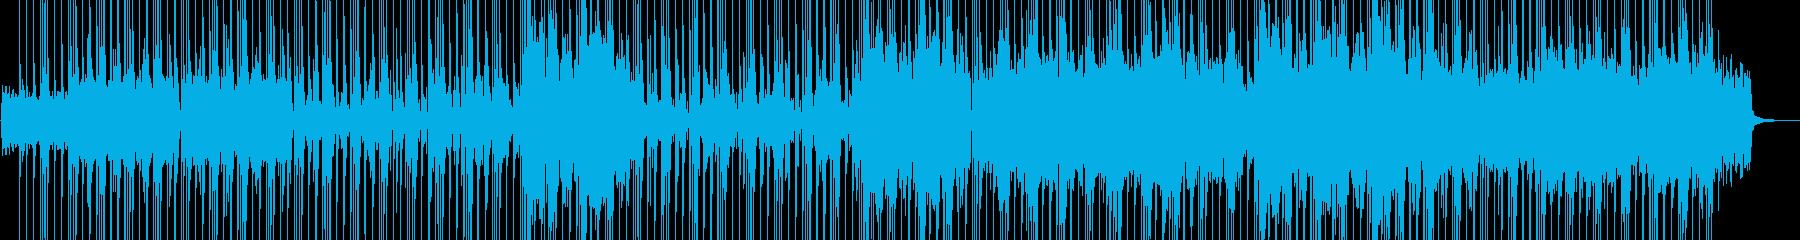 これは、ダークでスモーキーなキャバ...の再生済みの波形